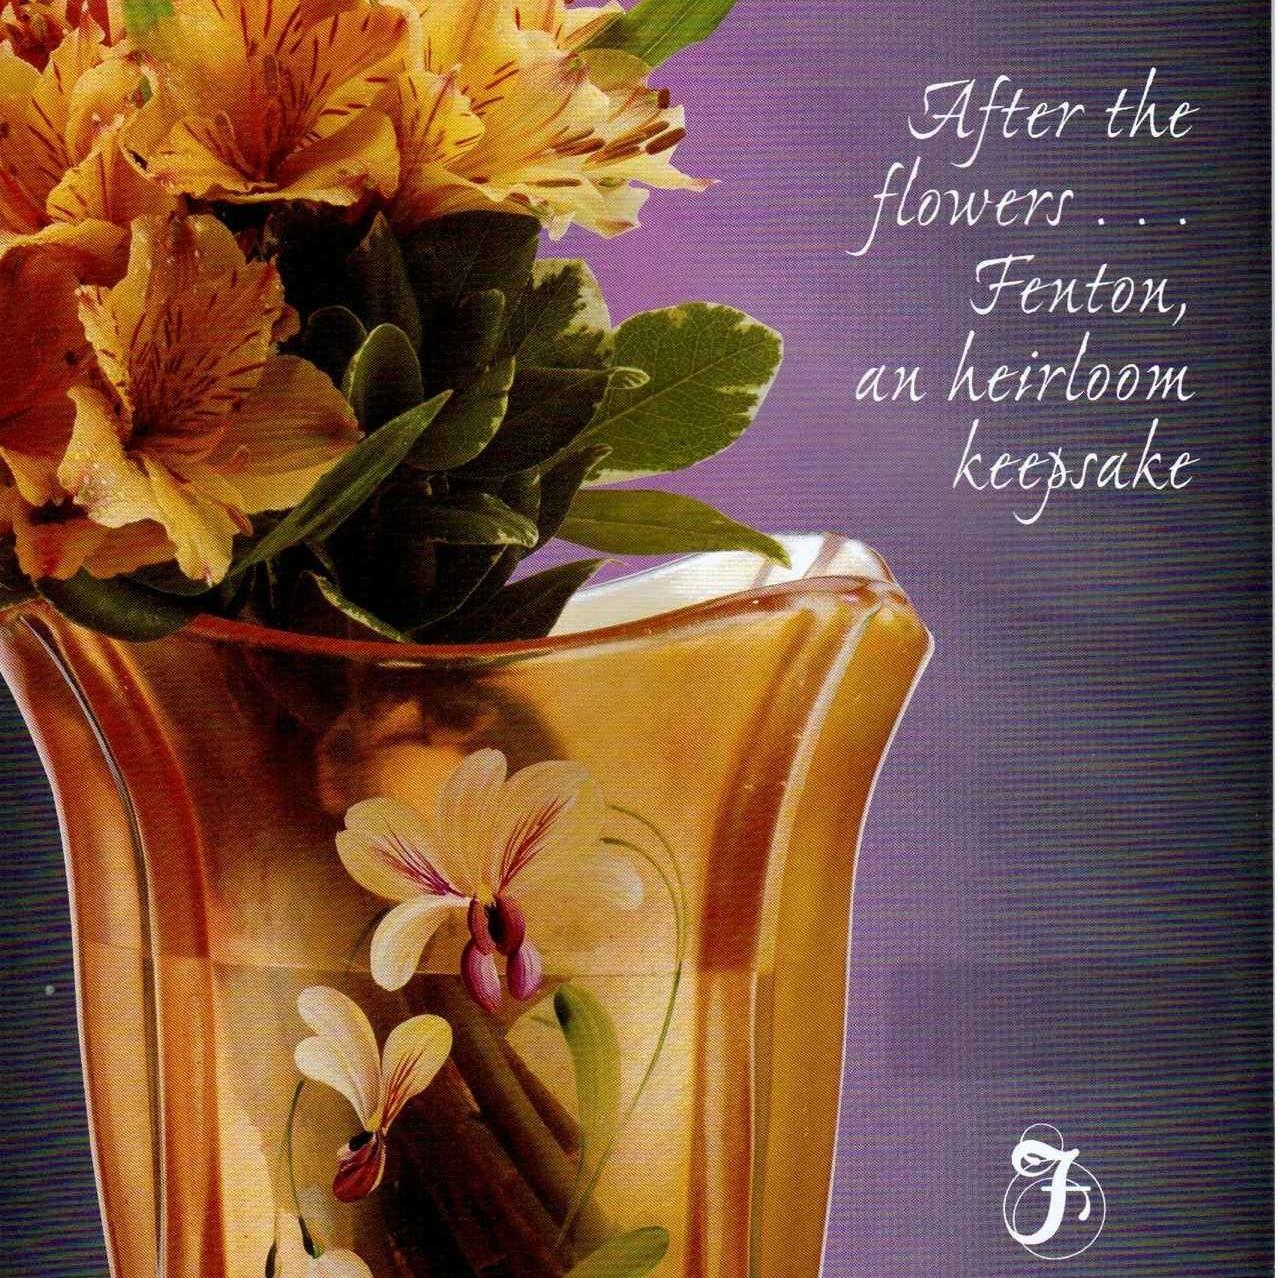 2006 Floral Program